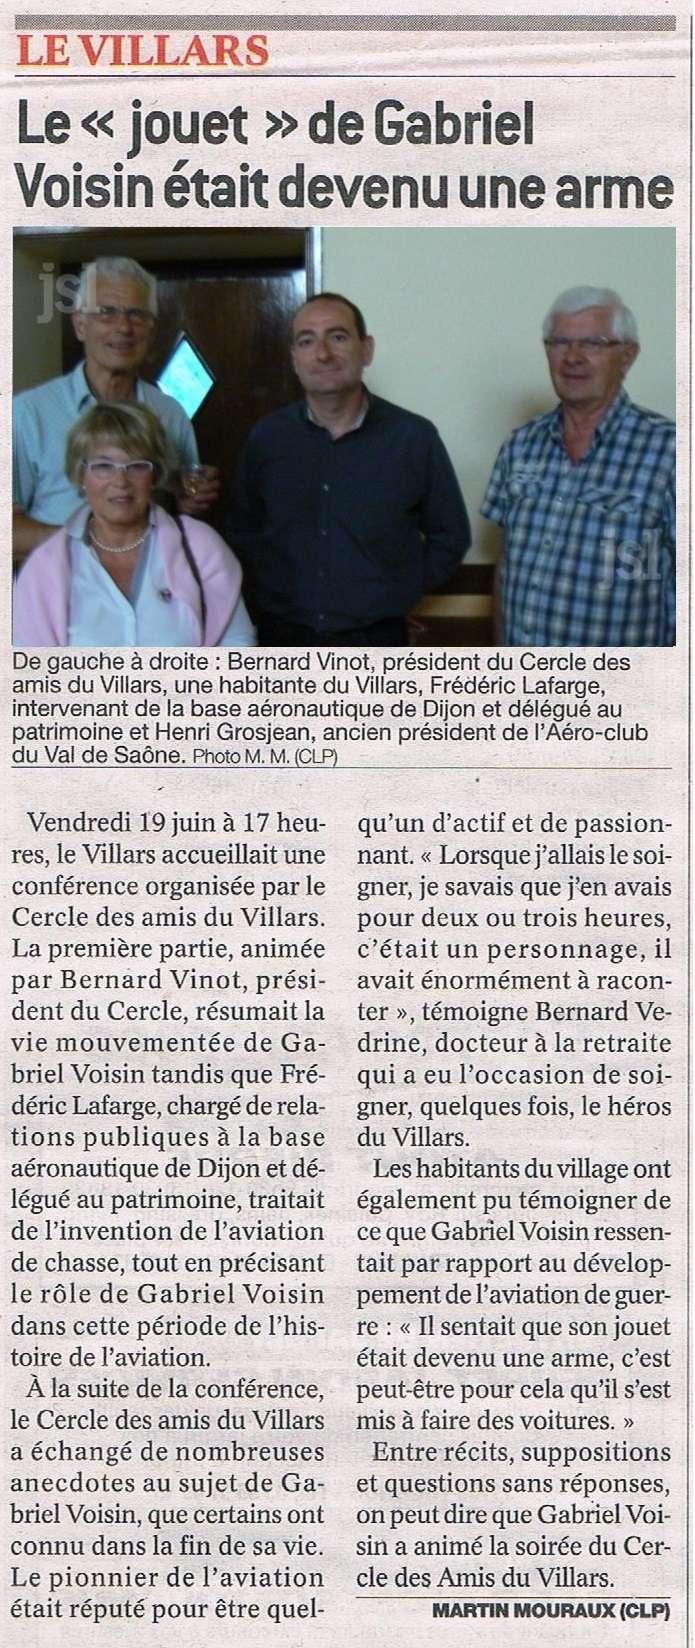 Le jouet de Gabriel Voisin était devenu une arme , Vendredi 19 juin à 17 heures, le Villars  Les_am12